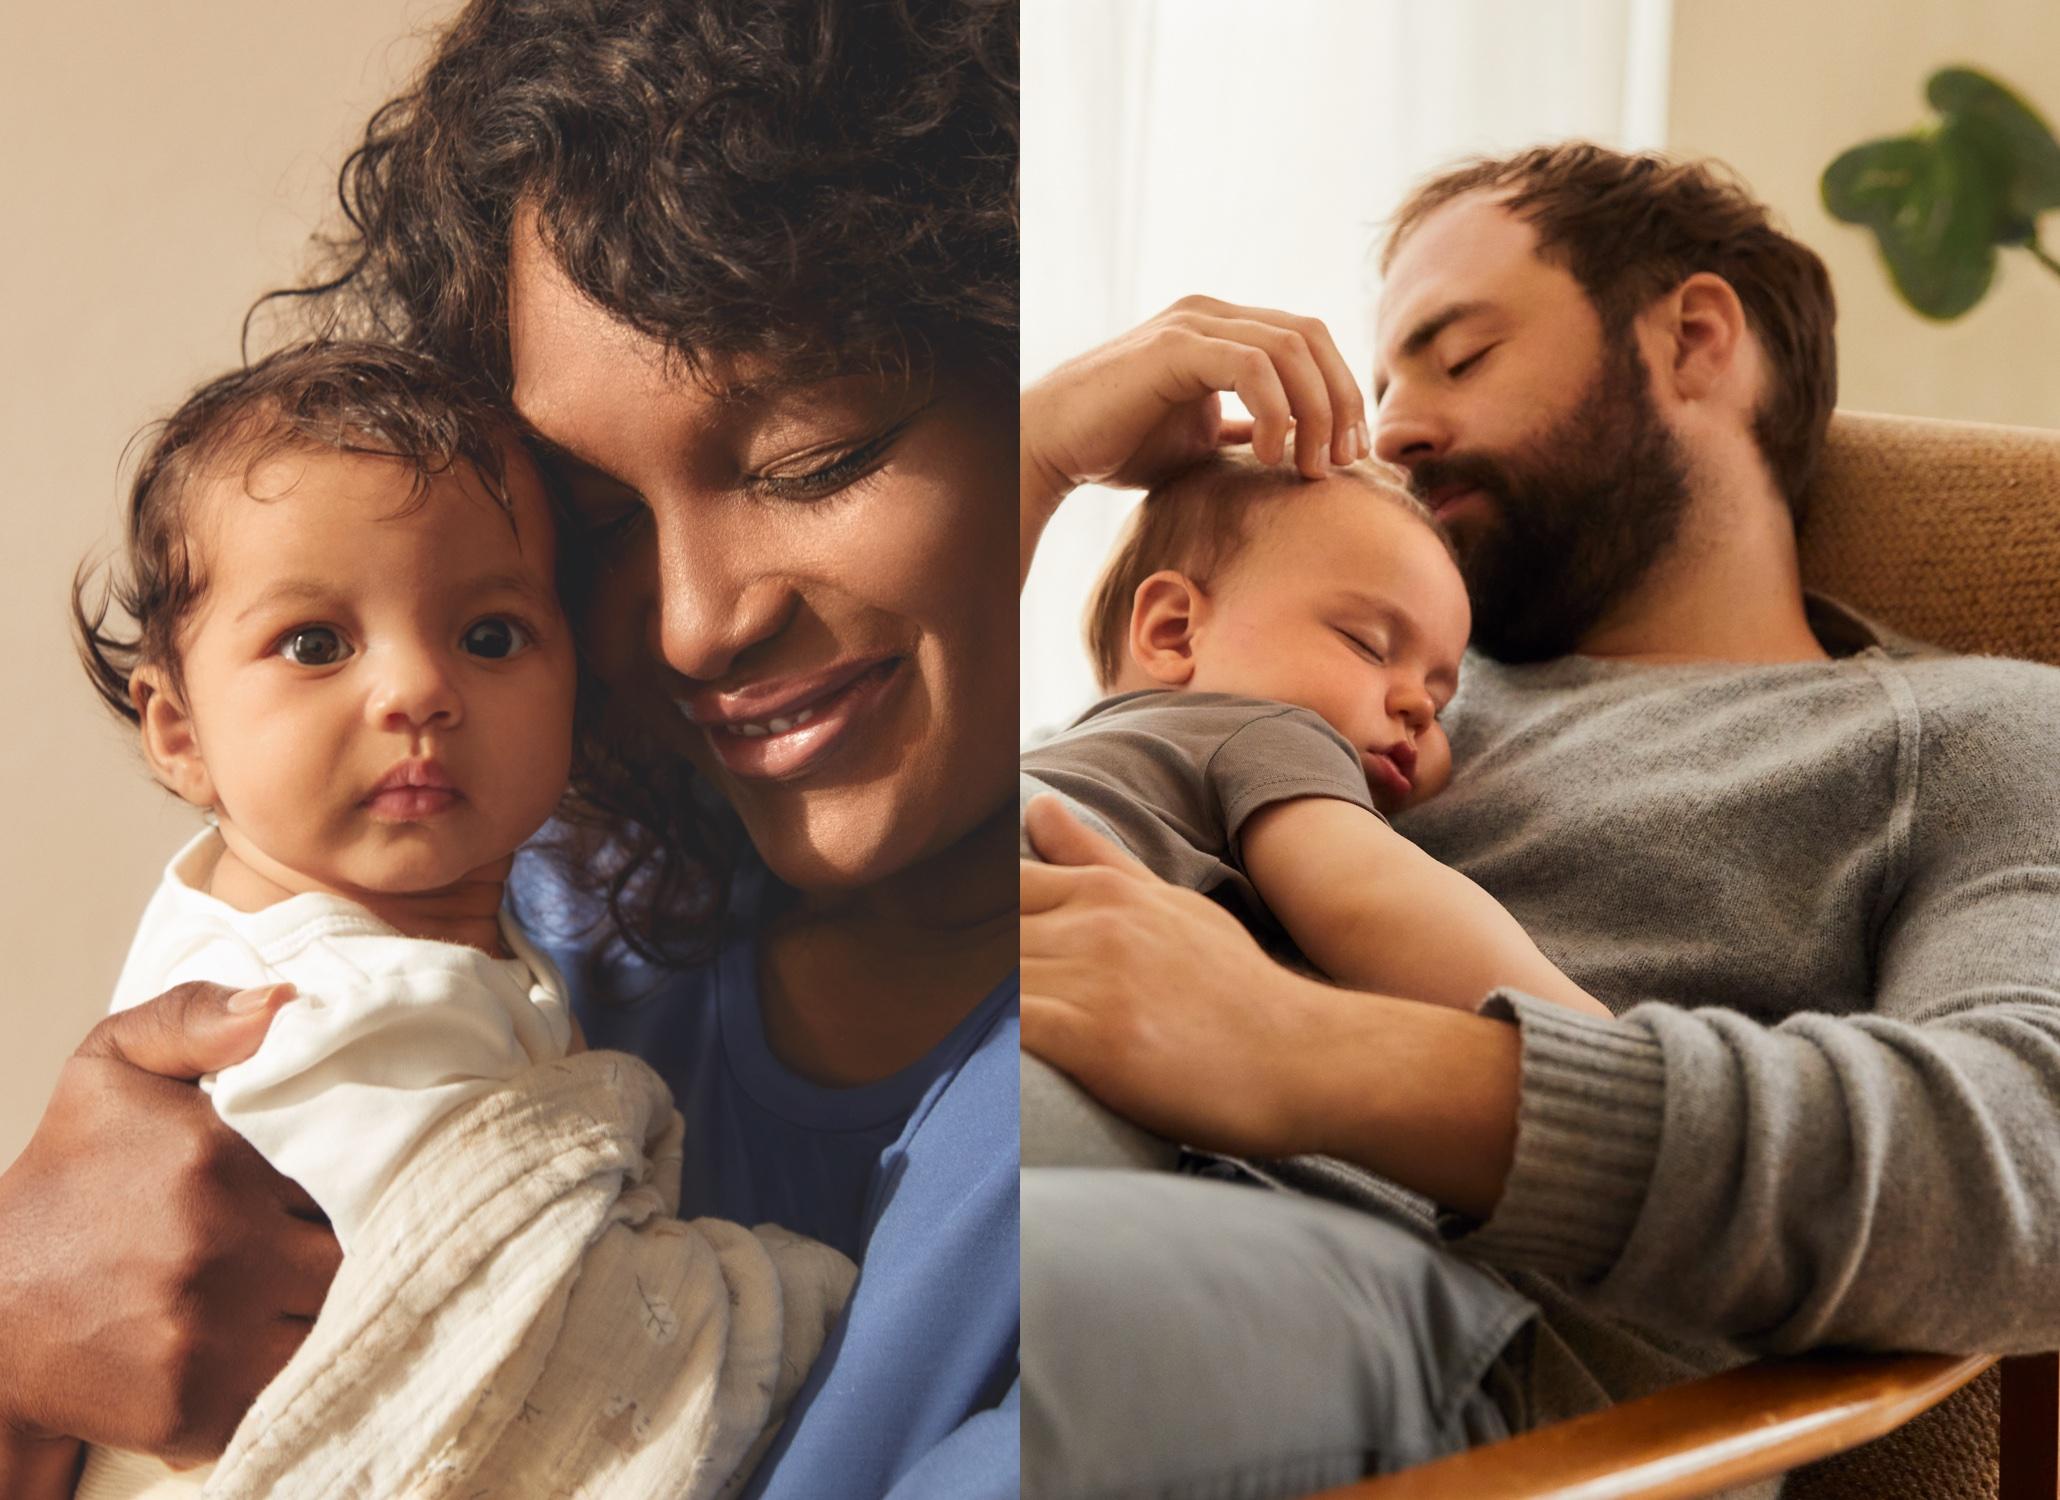 Un bébé souriant aux yeux brillants - Une femme enceinte heureuse habillée avec la collection maternité sent des fleurs | Guide bébé